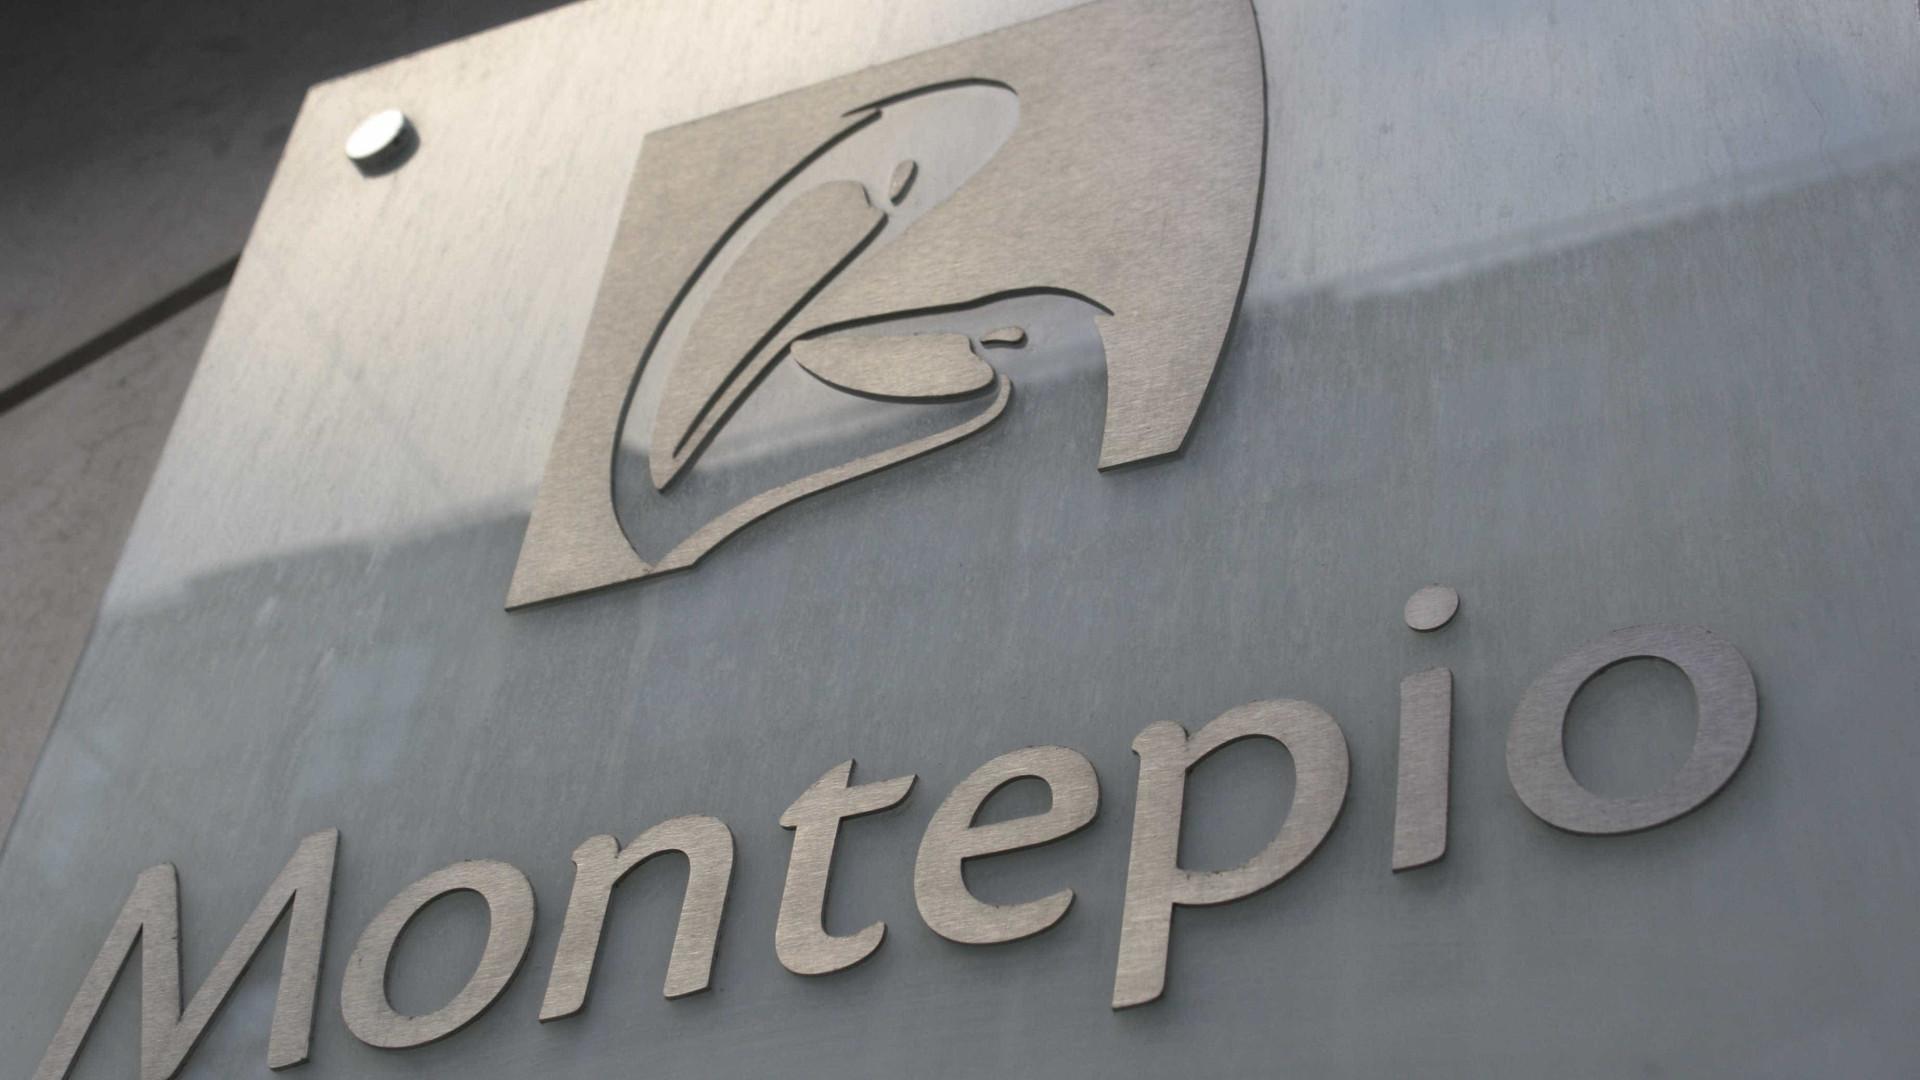 Mutualista lança OPA sobre títulos que não detém — Montepio